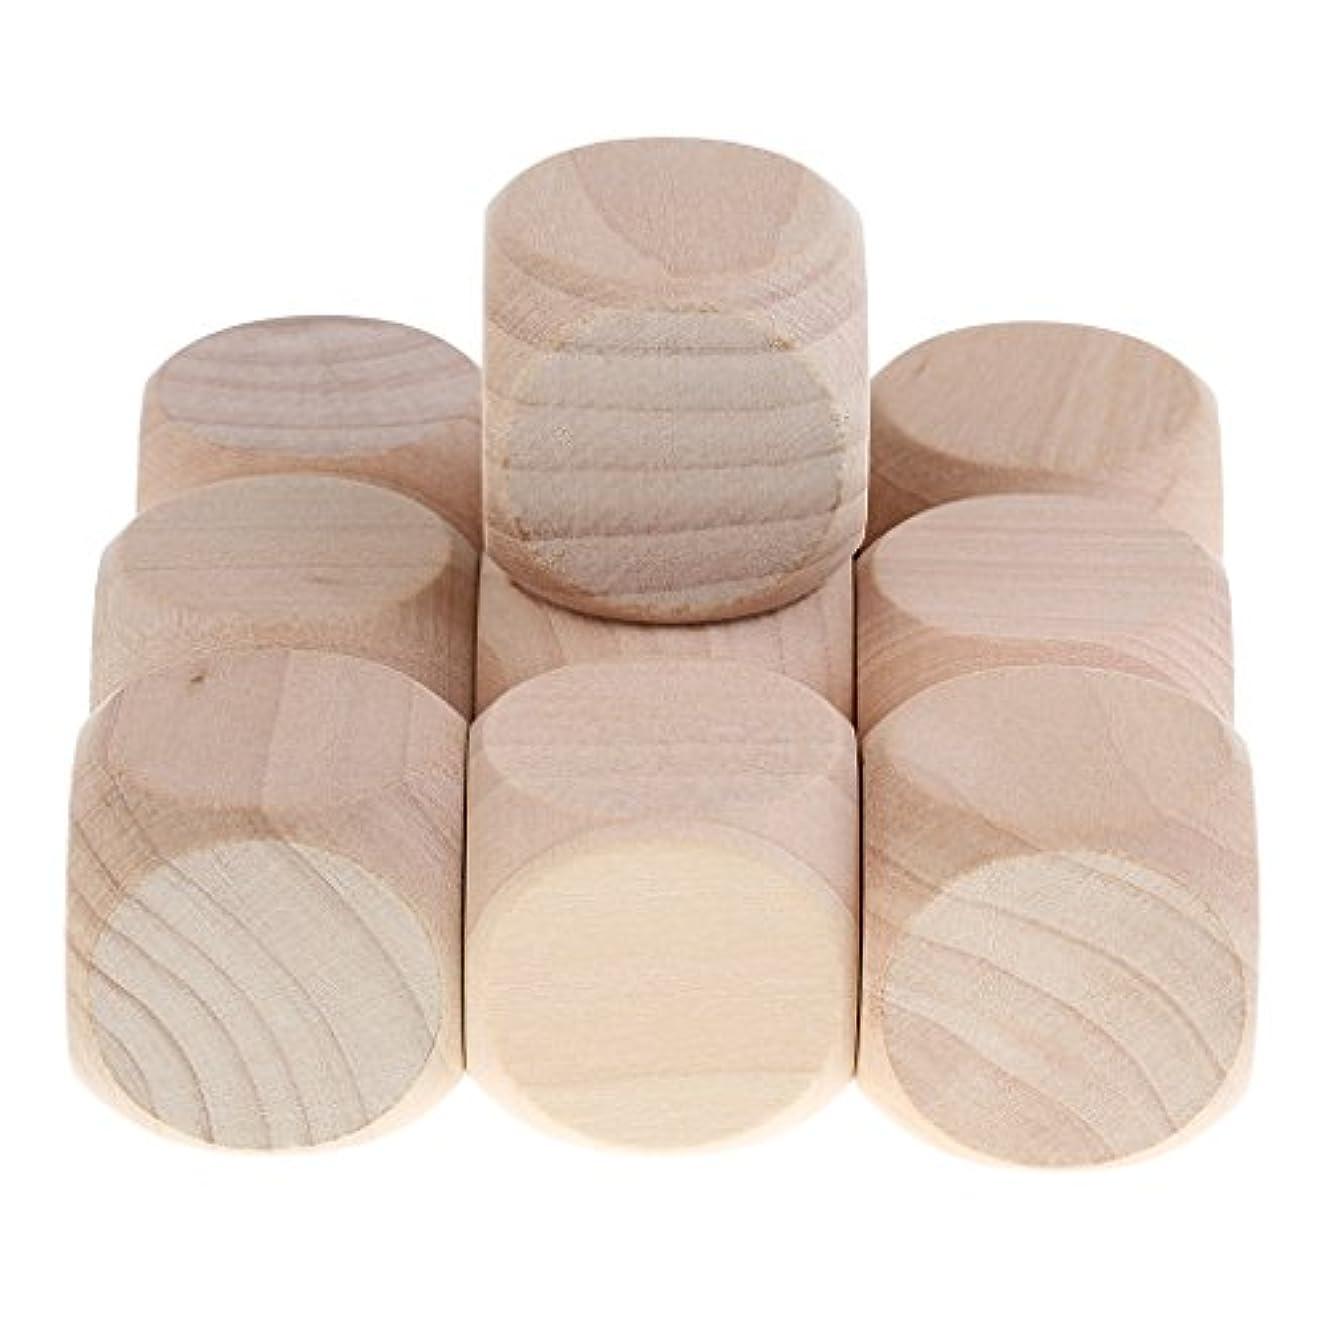 地下鉄出発利益10個 木製 6面ダイス DIY装飾と工芸用 3センチメートル 創造 ゲーム骰子 ブランク